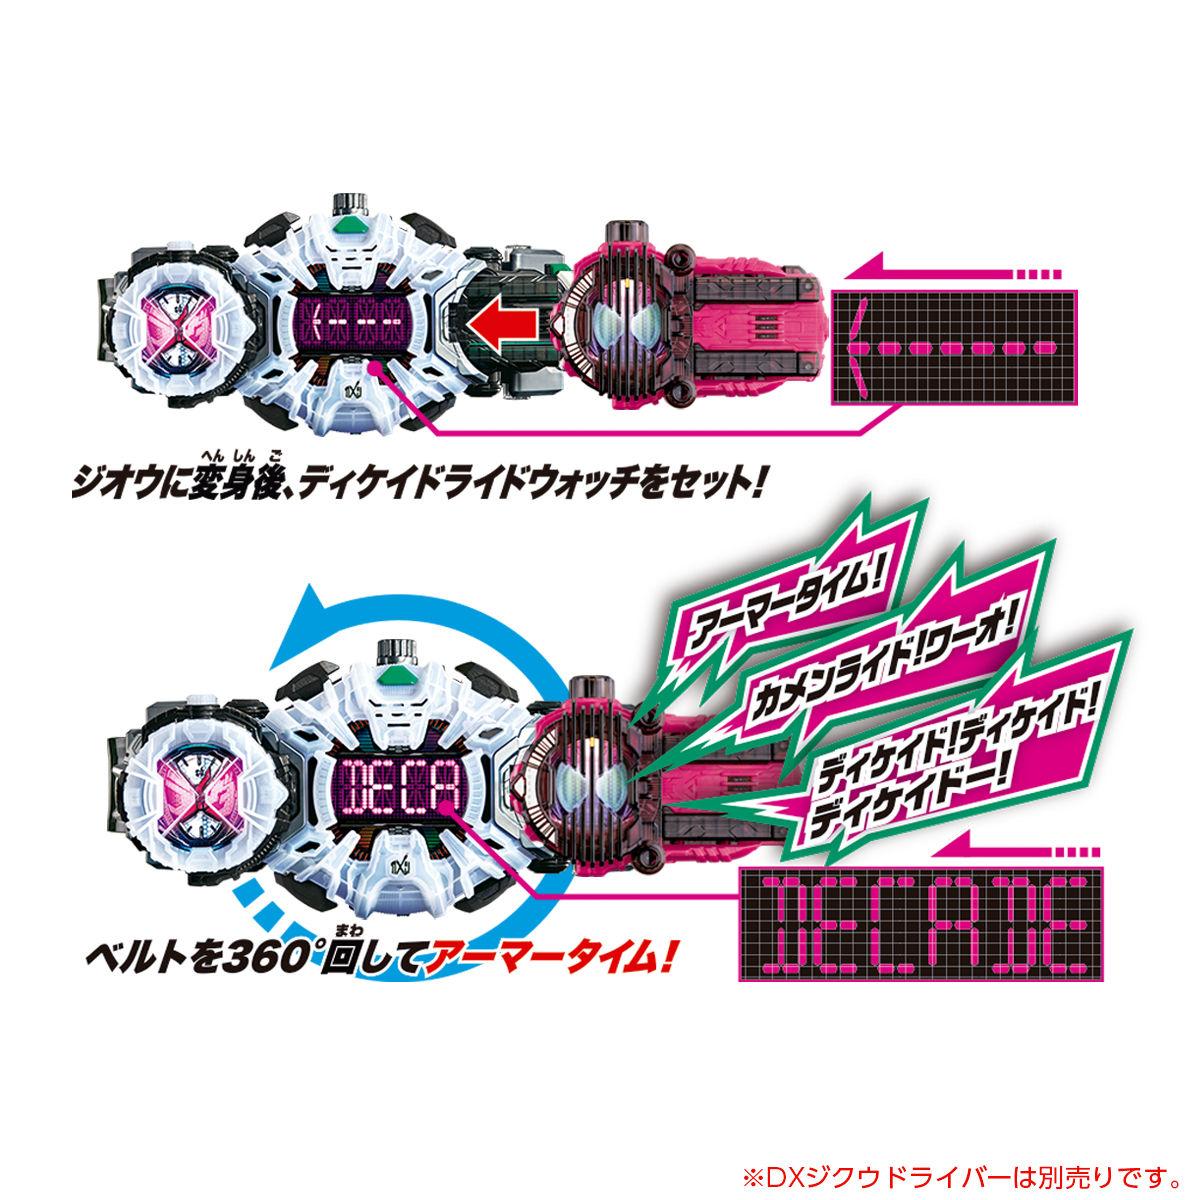 仮面ライダージオウ『DXディケイドライドウォッチ』変身なりきり-004